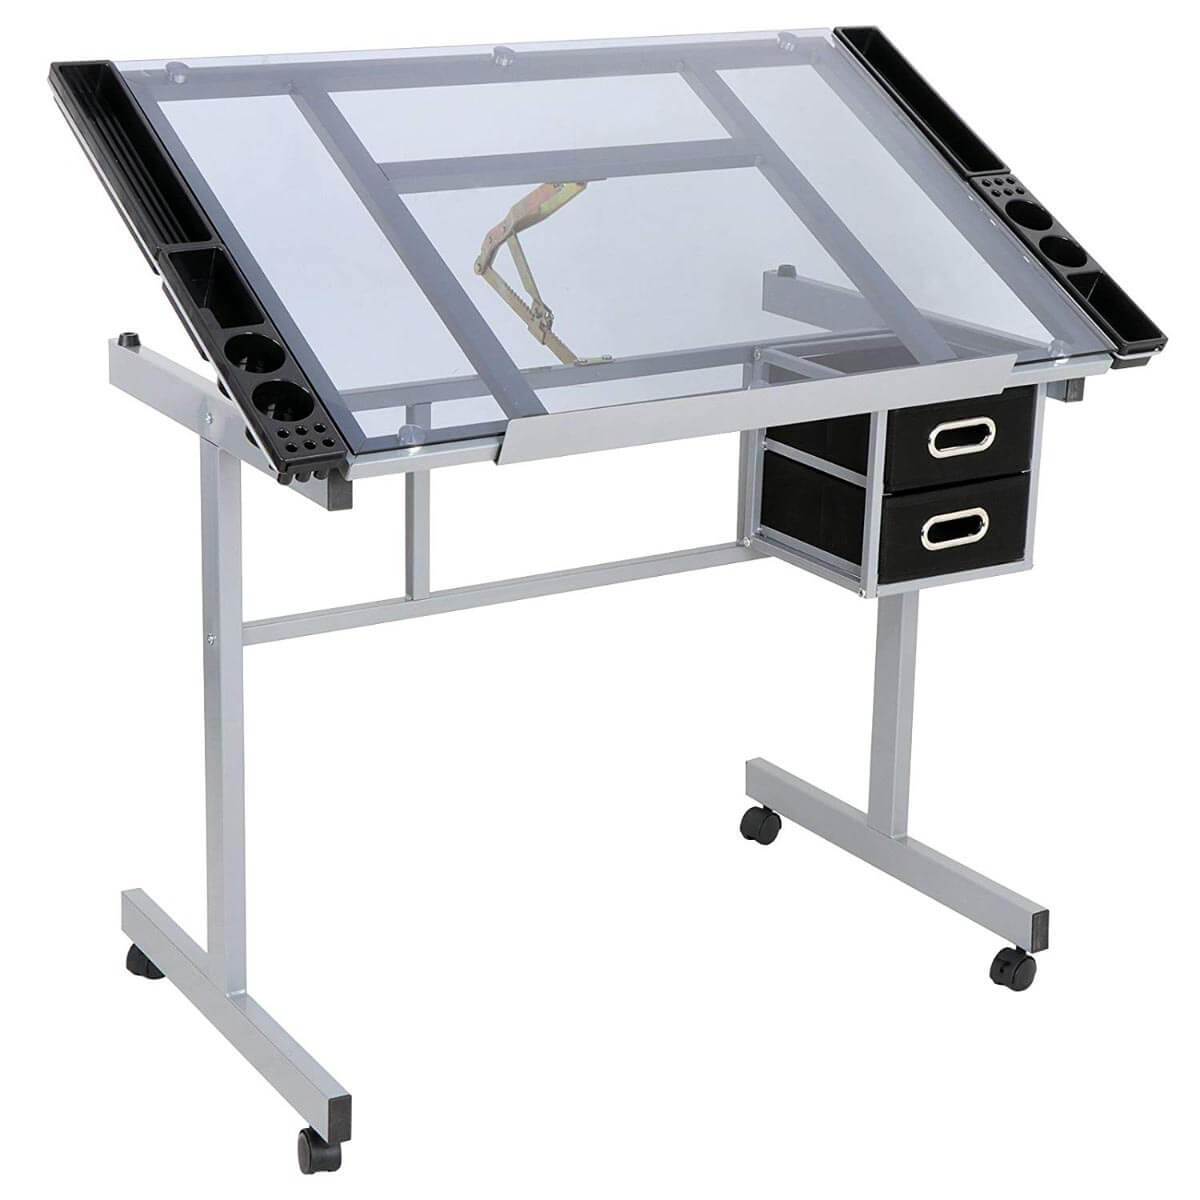 Tervezőasztal emelhető üveg asztallappal